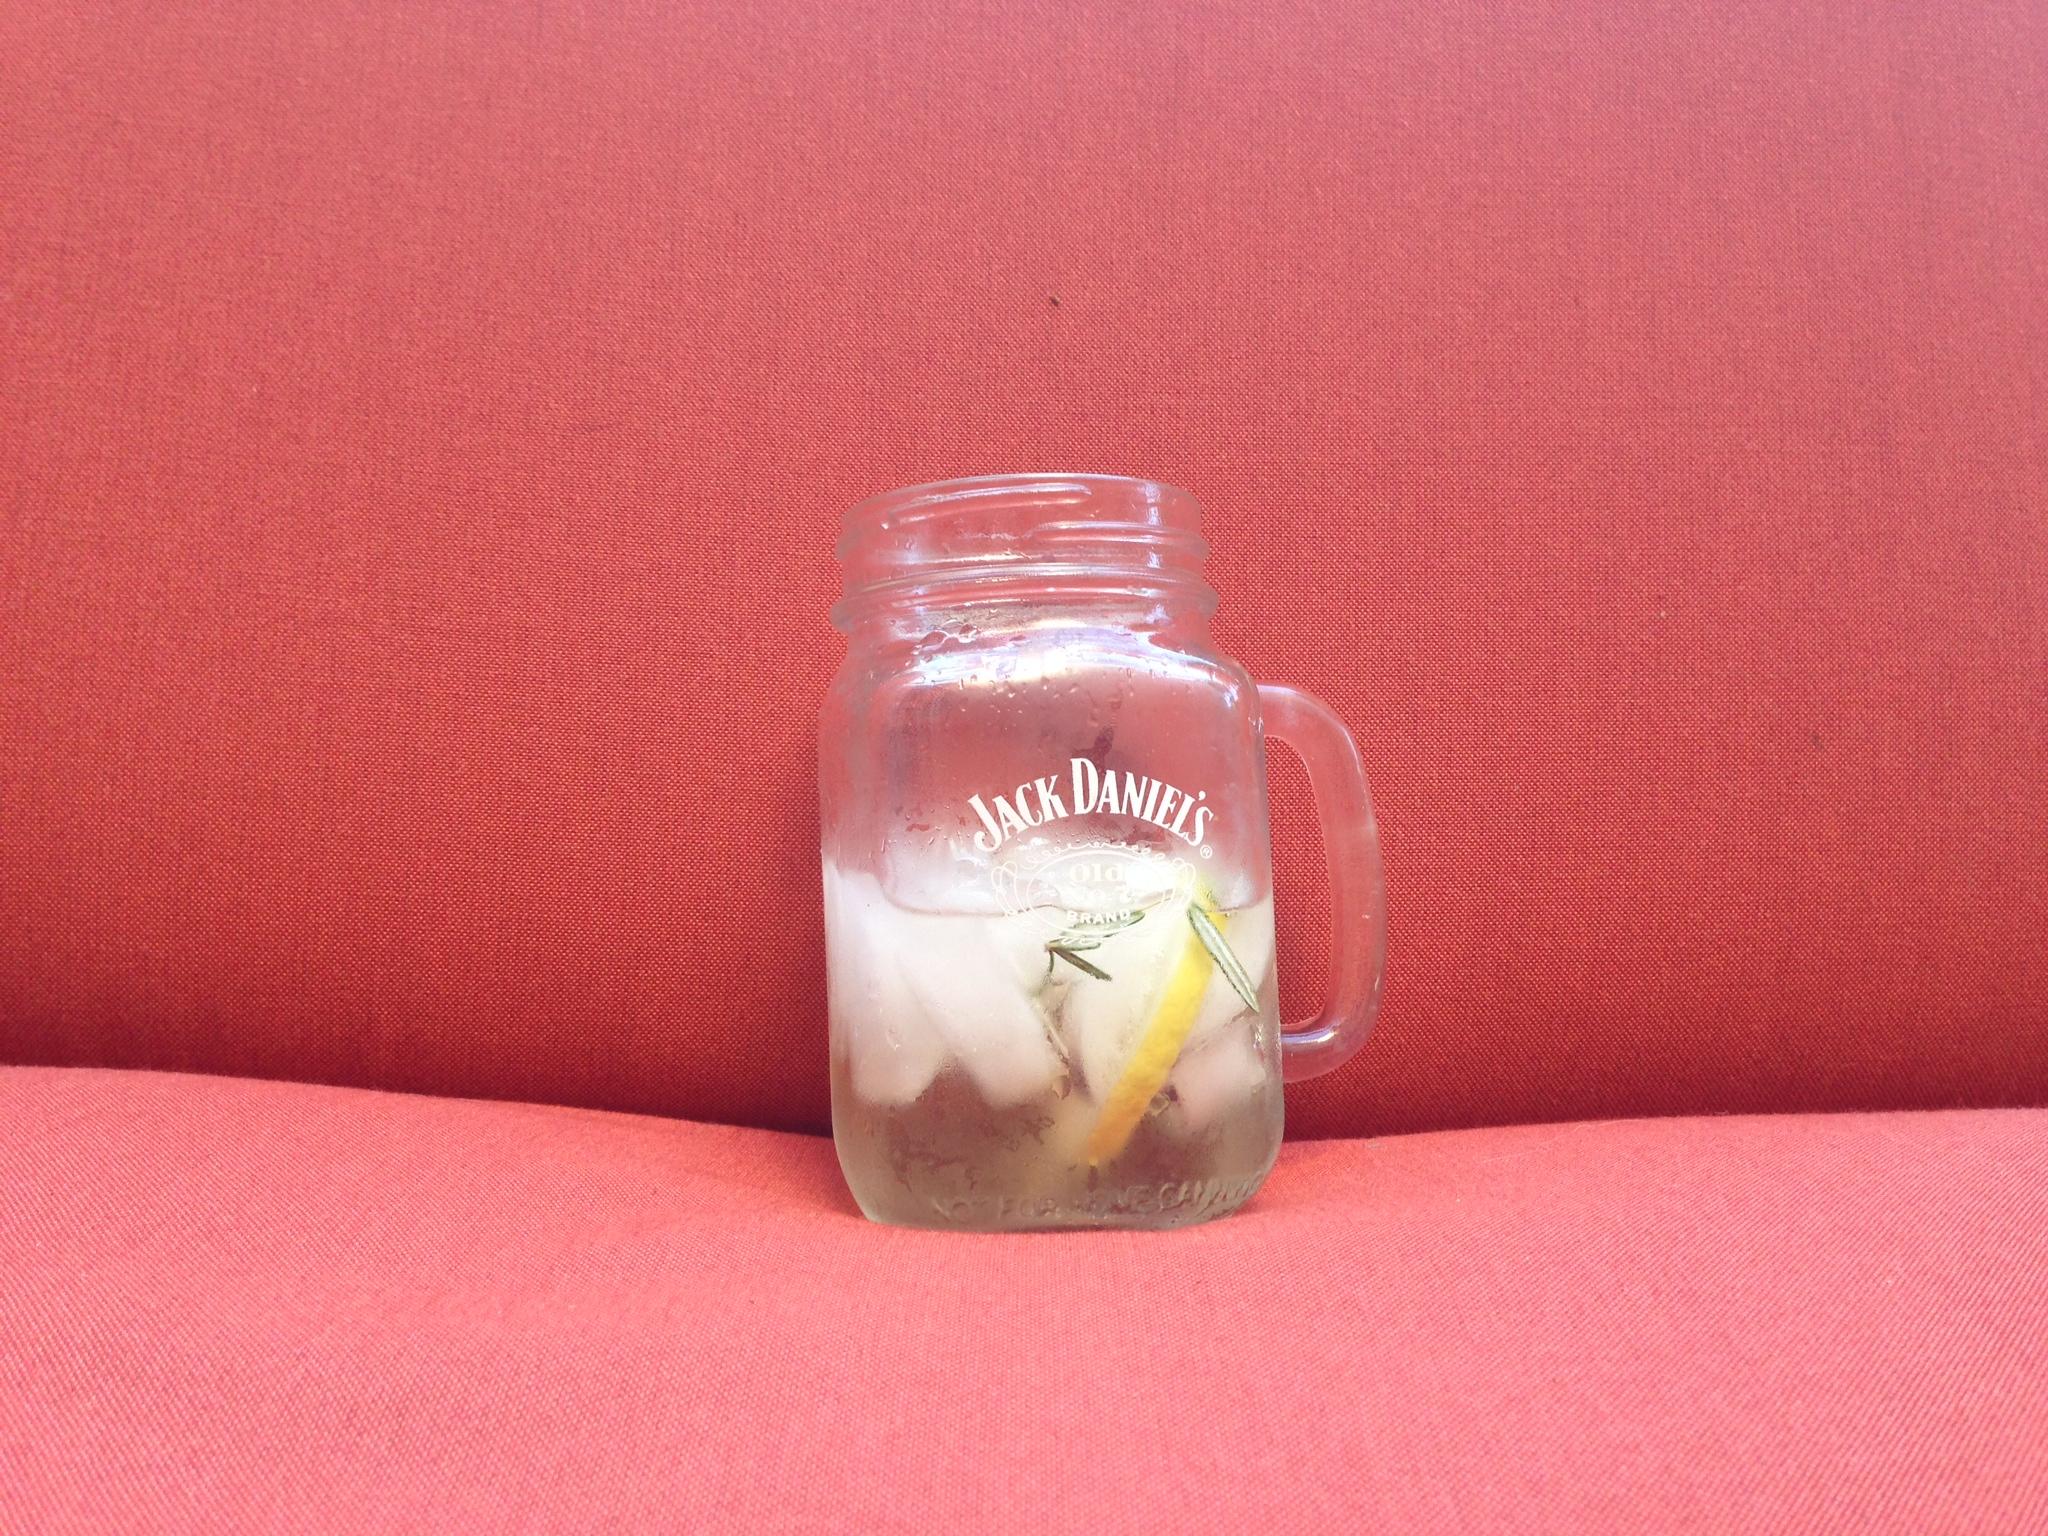 st. germaine injack daniel's glass